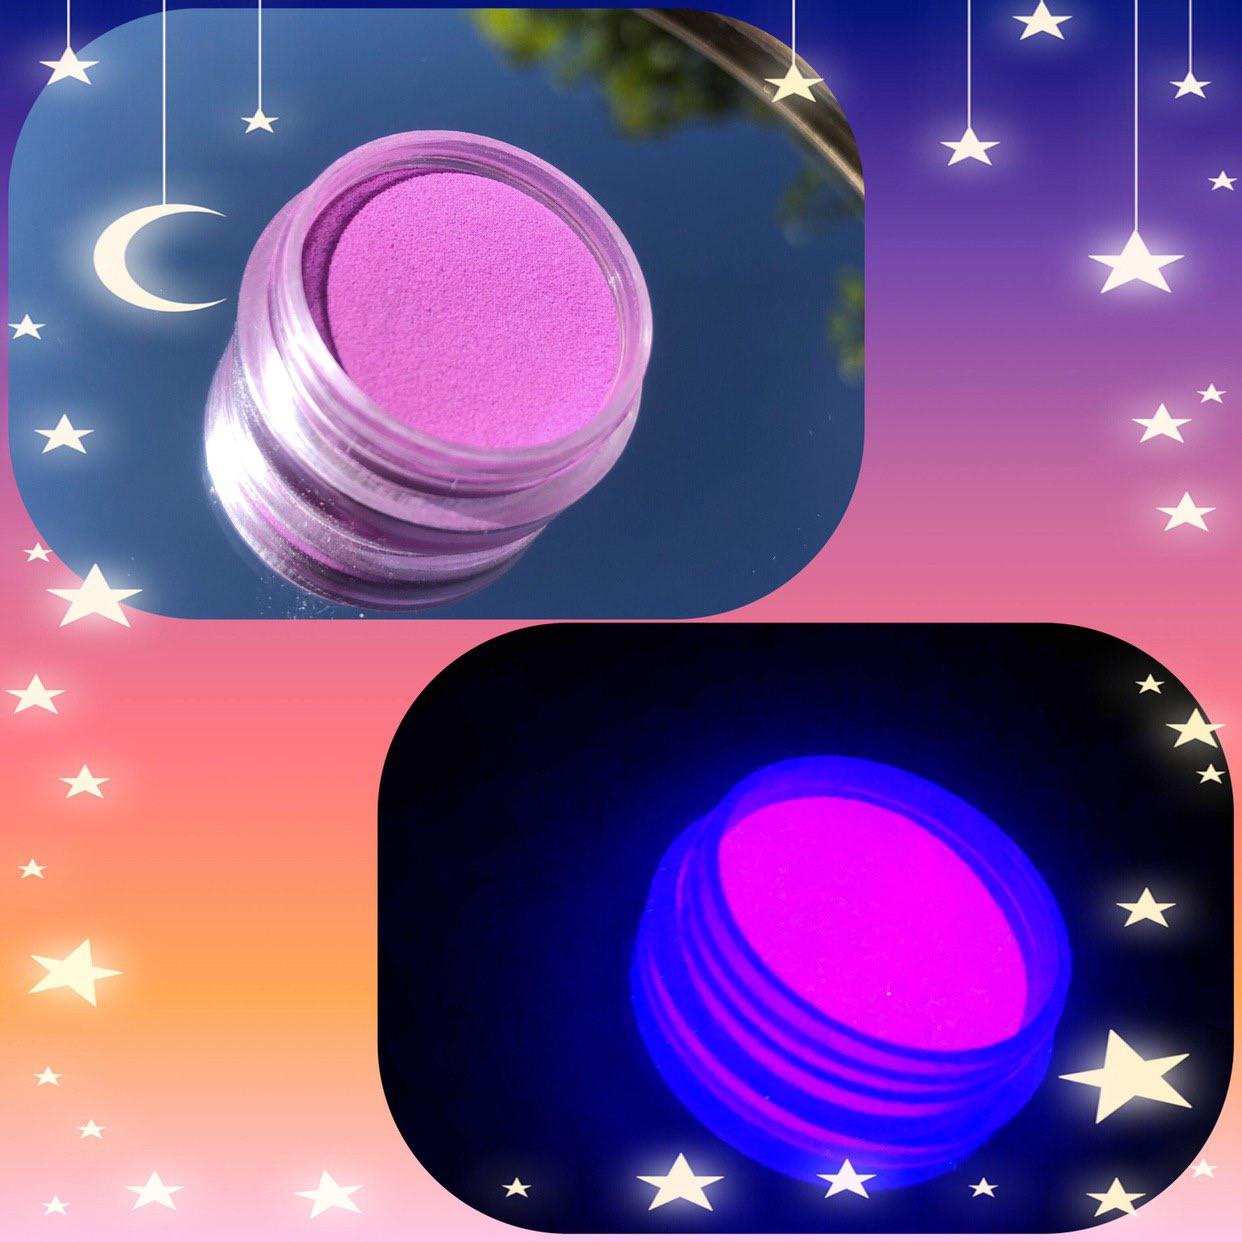 Люминесцентный пигмент фиолетовый